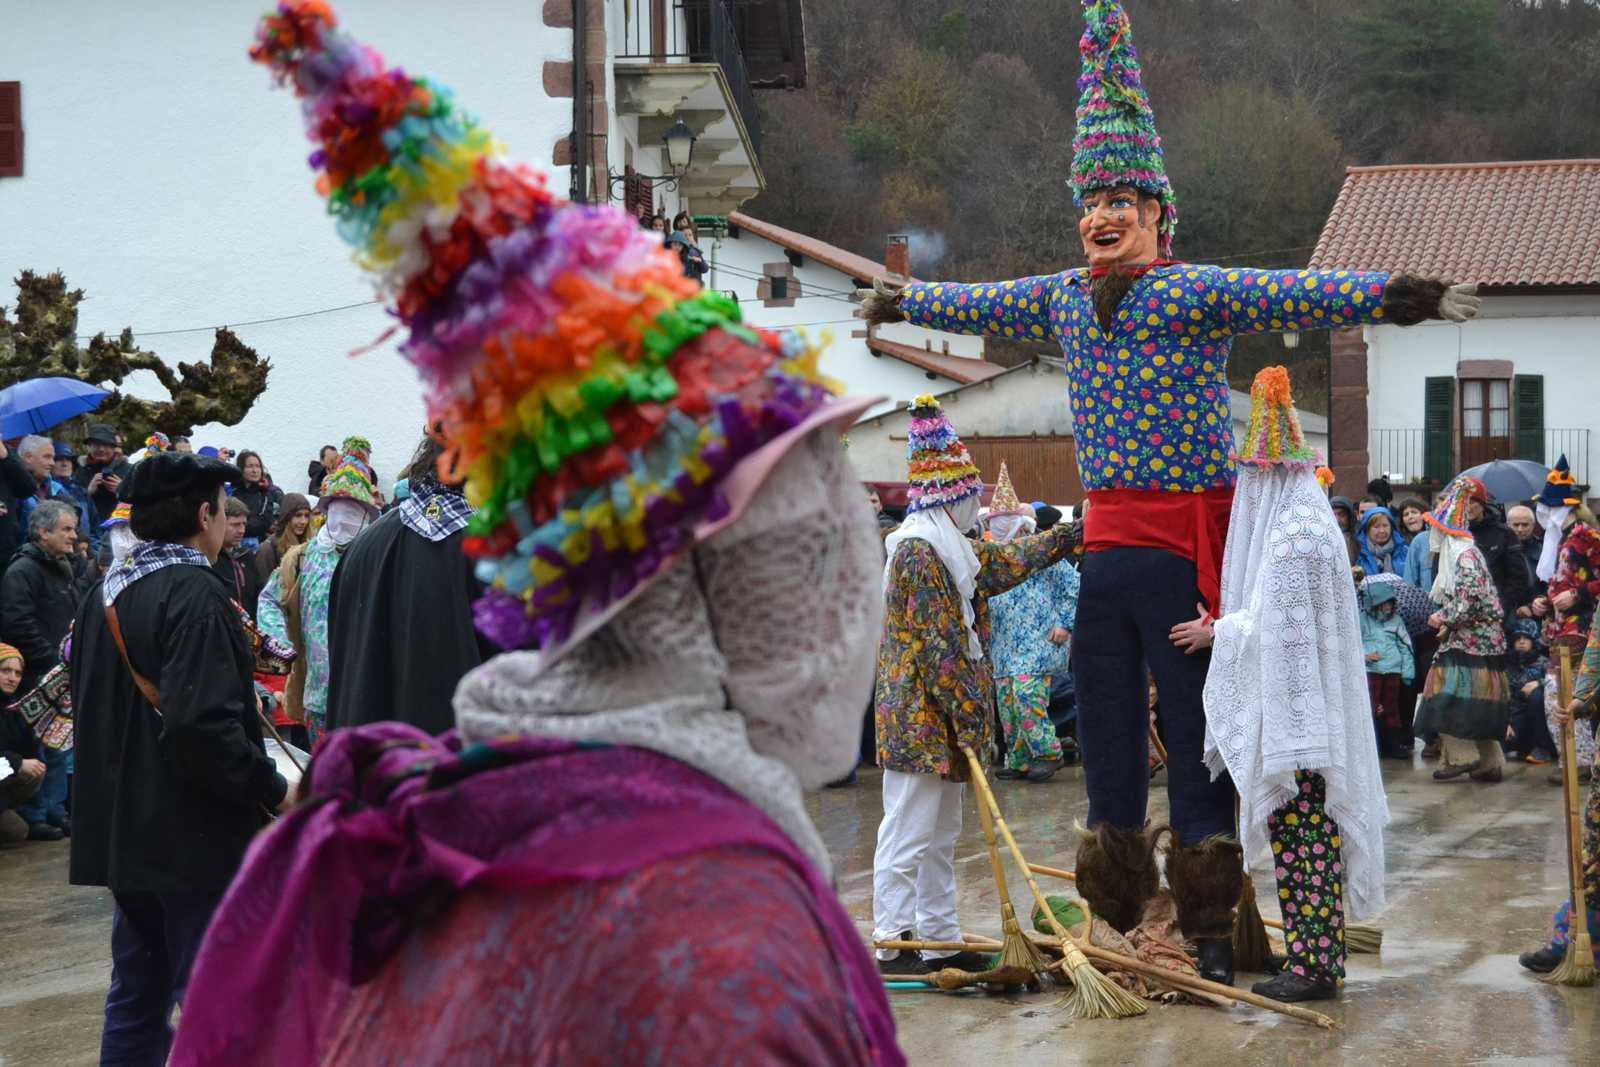 Carnaval de Lantz, de hombres y símbolos